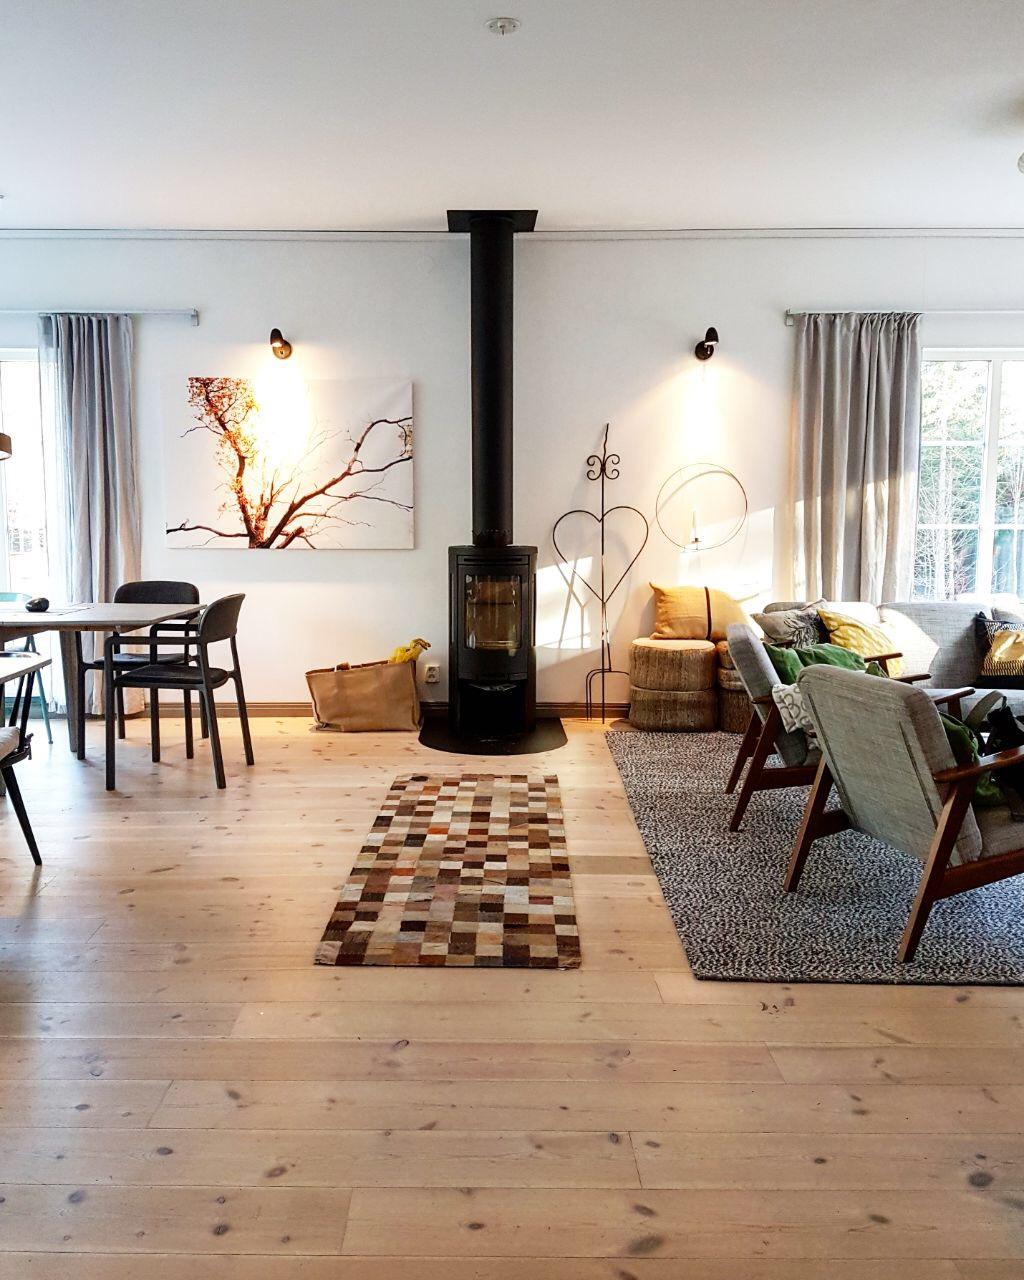 Design Escape rund um Vaxjö - Småland, Schweden _ IKEA Älmhult